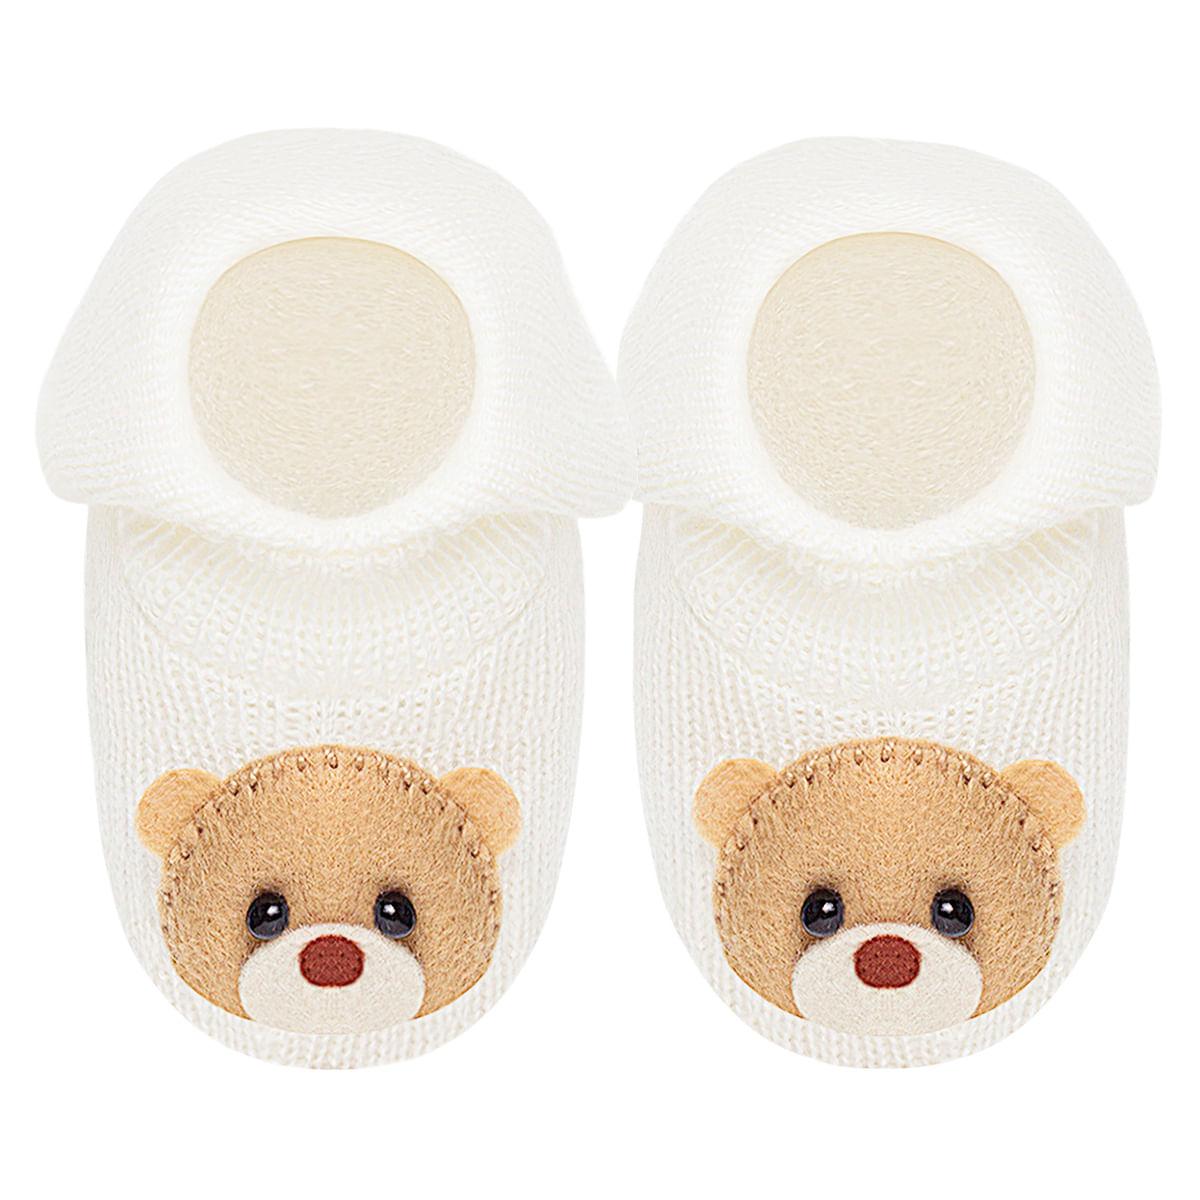 9d5c270f2 Sapatinho para bebê em tricot Ursinho Marfim - Roana no Bebefacil, você  encontra roupas e enxoval para bebês - bebefacil